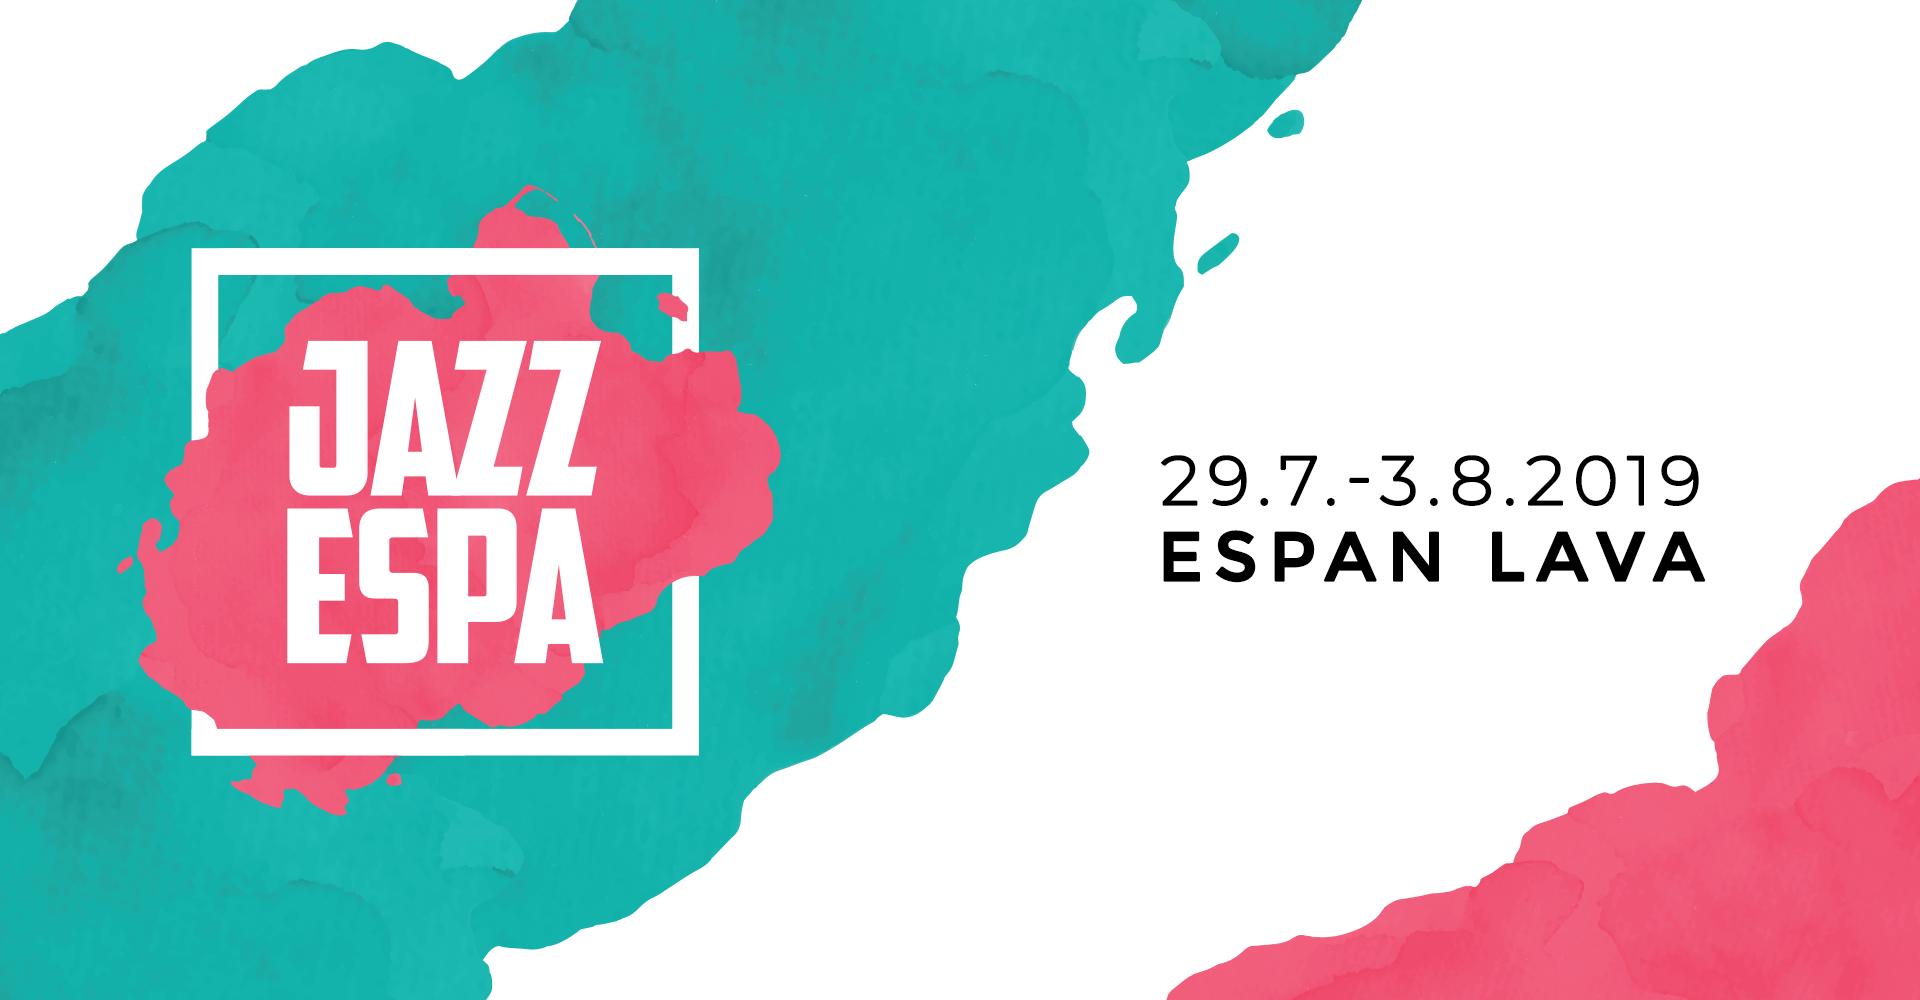 Link to event Jazz-Espa 2019